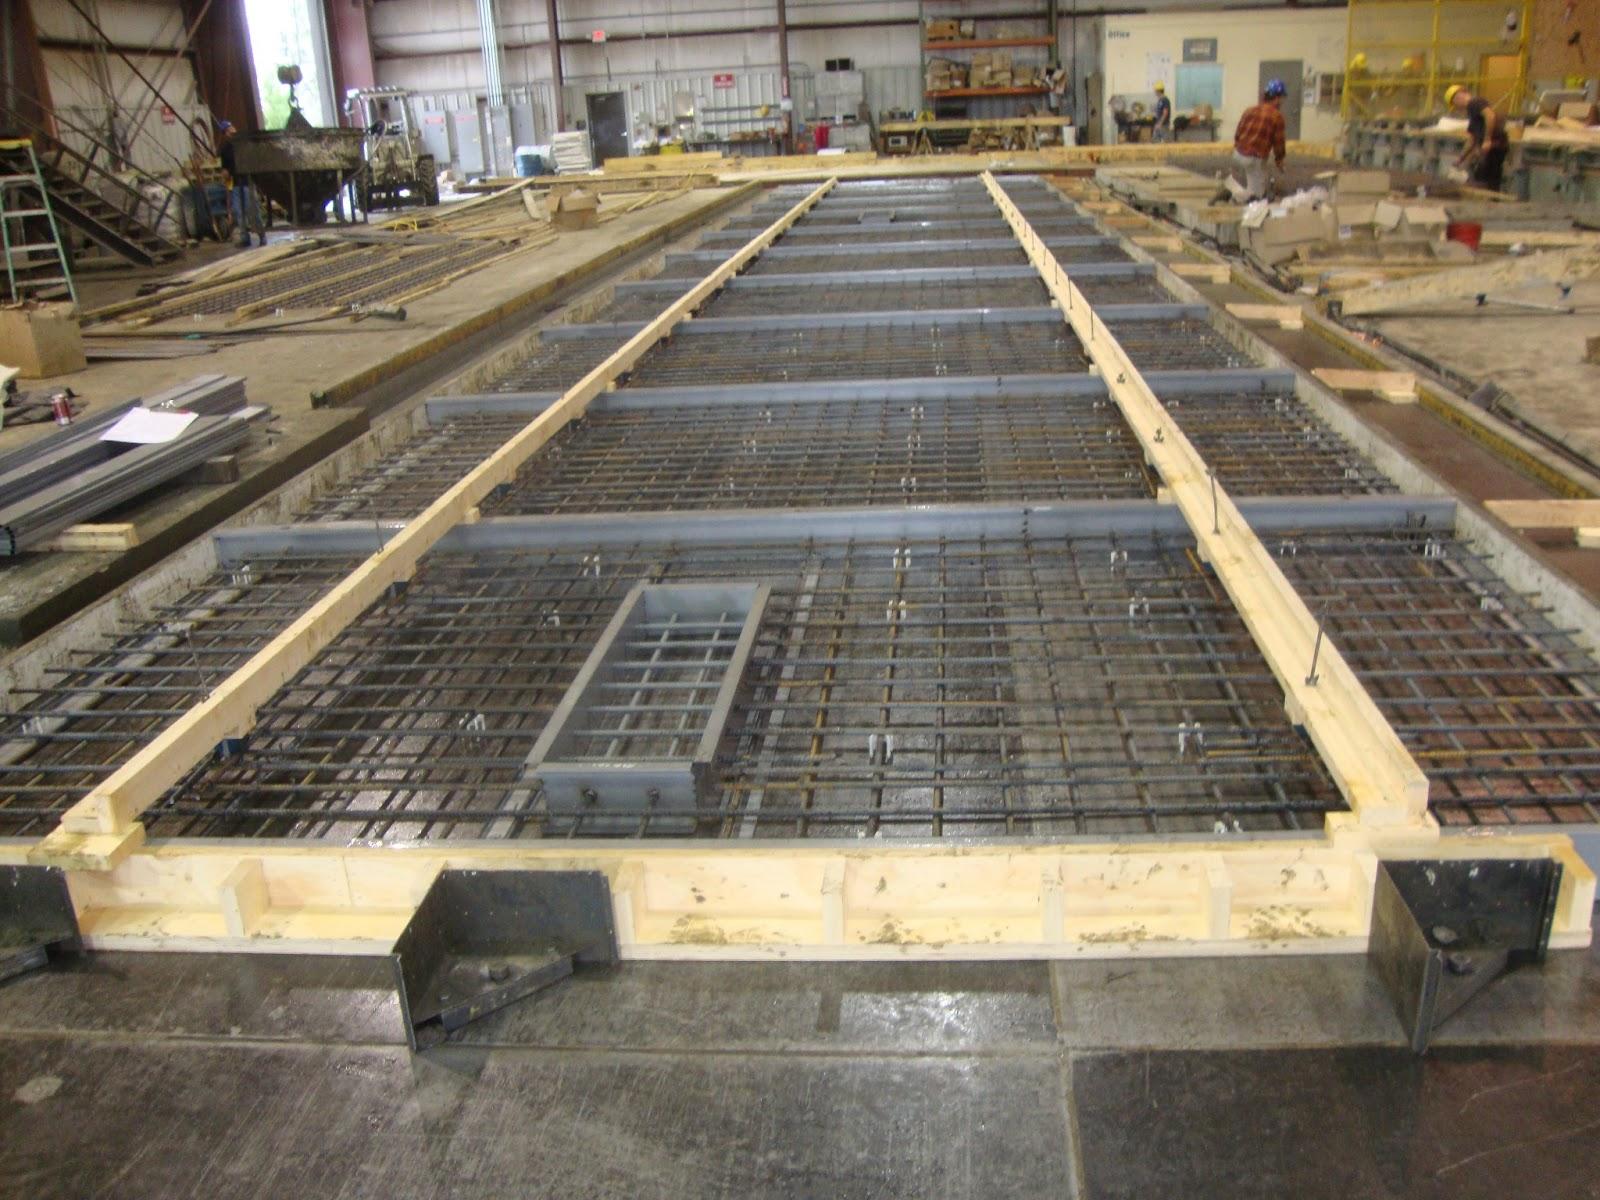 Preformed Concrete Building Construction : Precast concrete manufacturing june